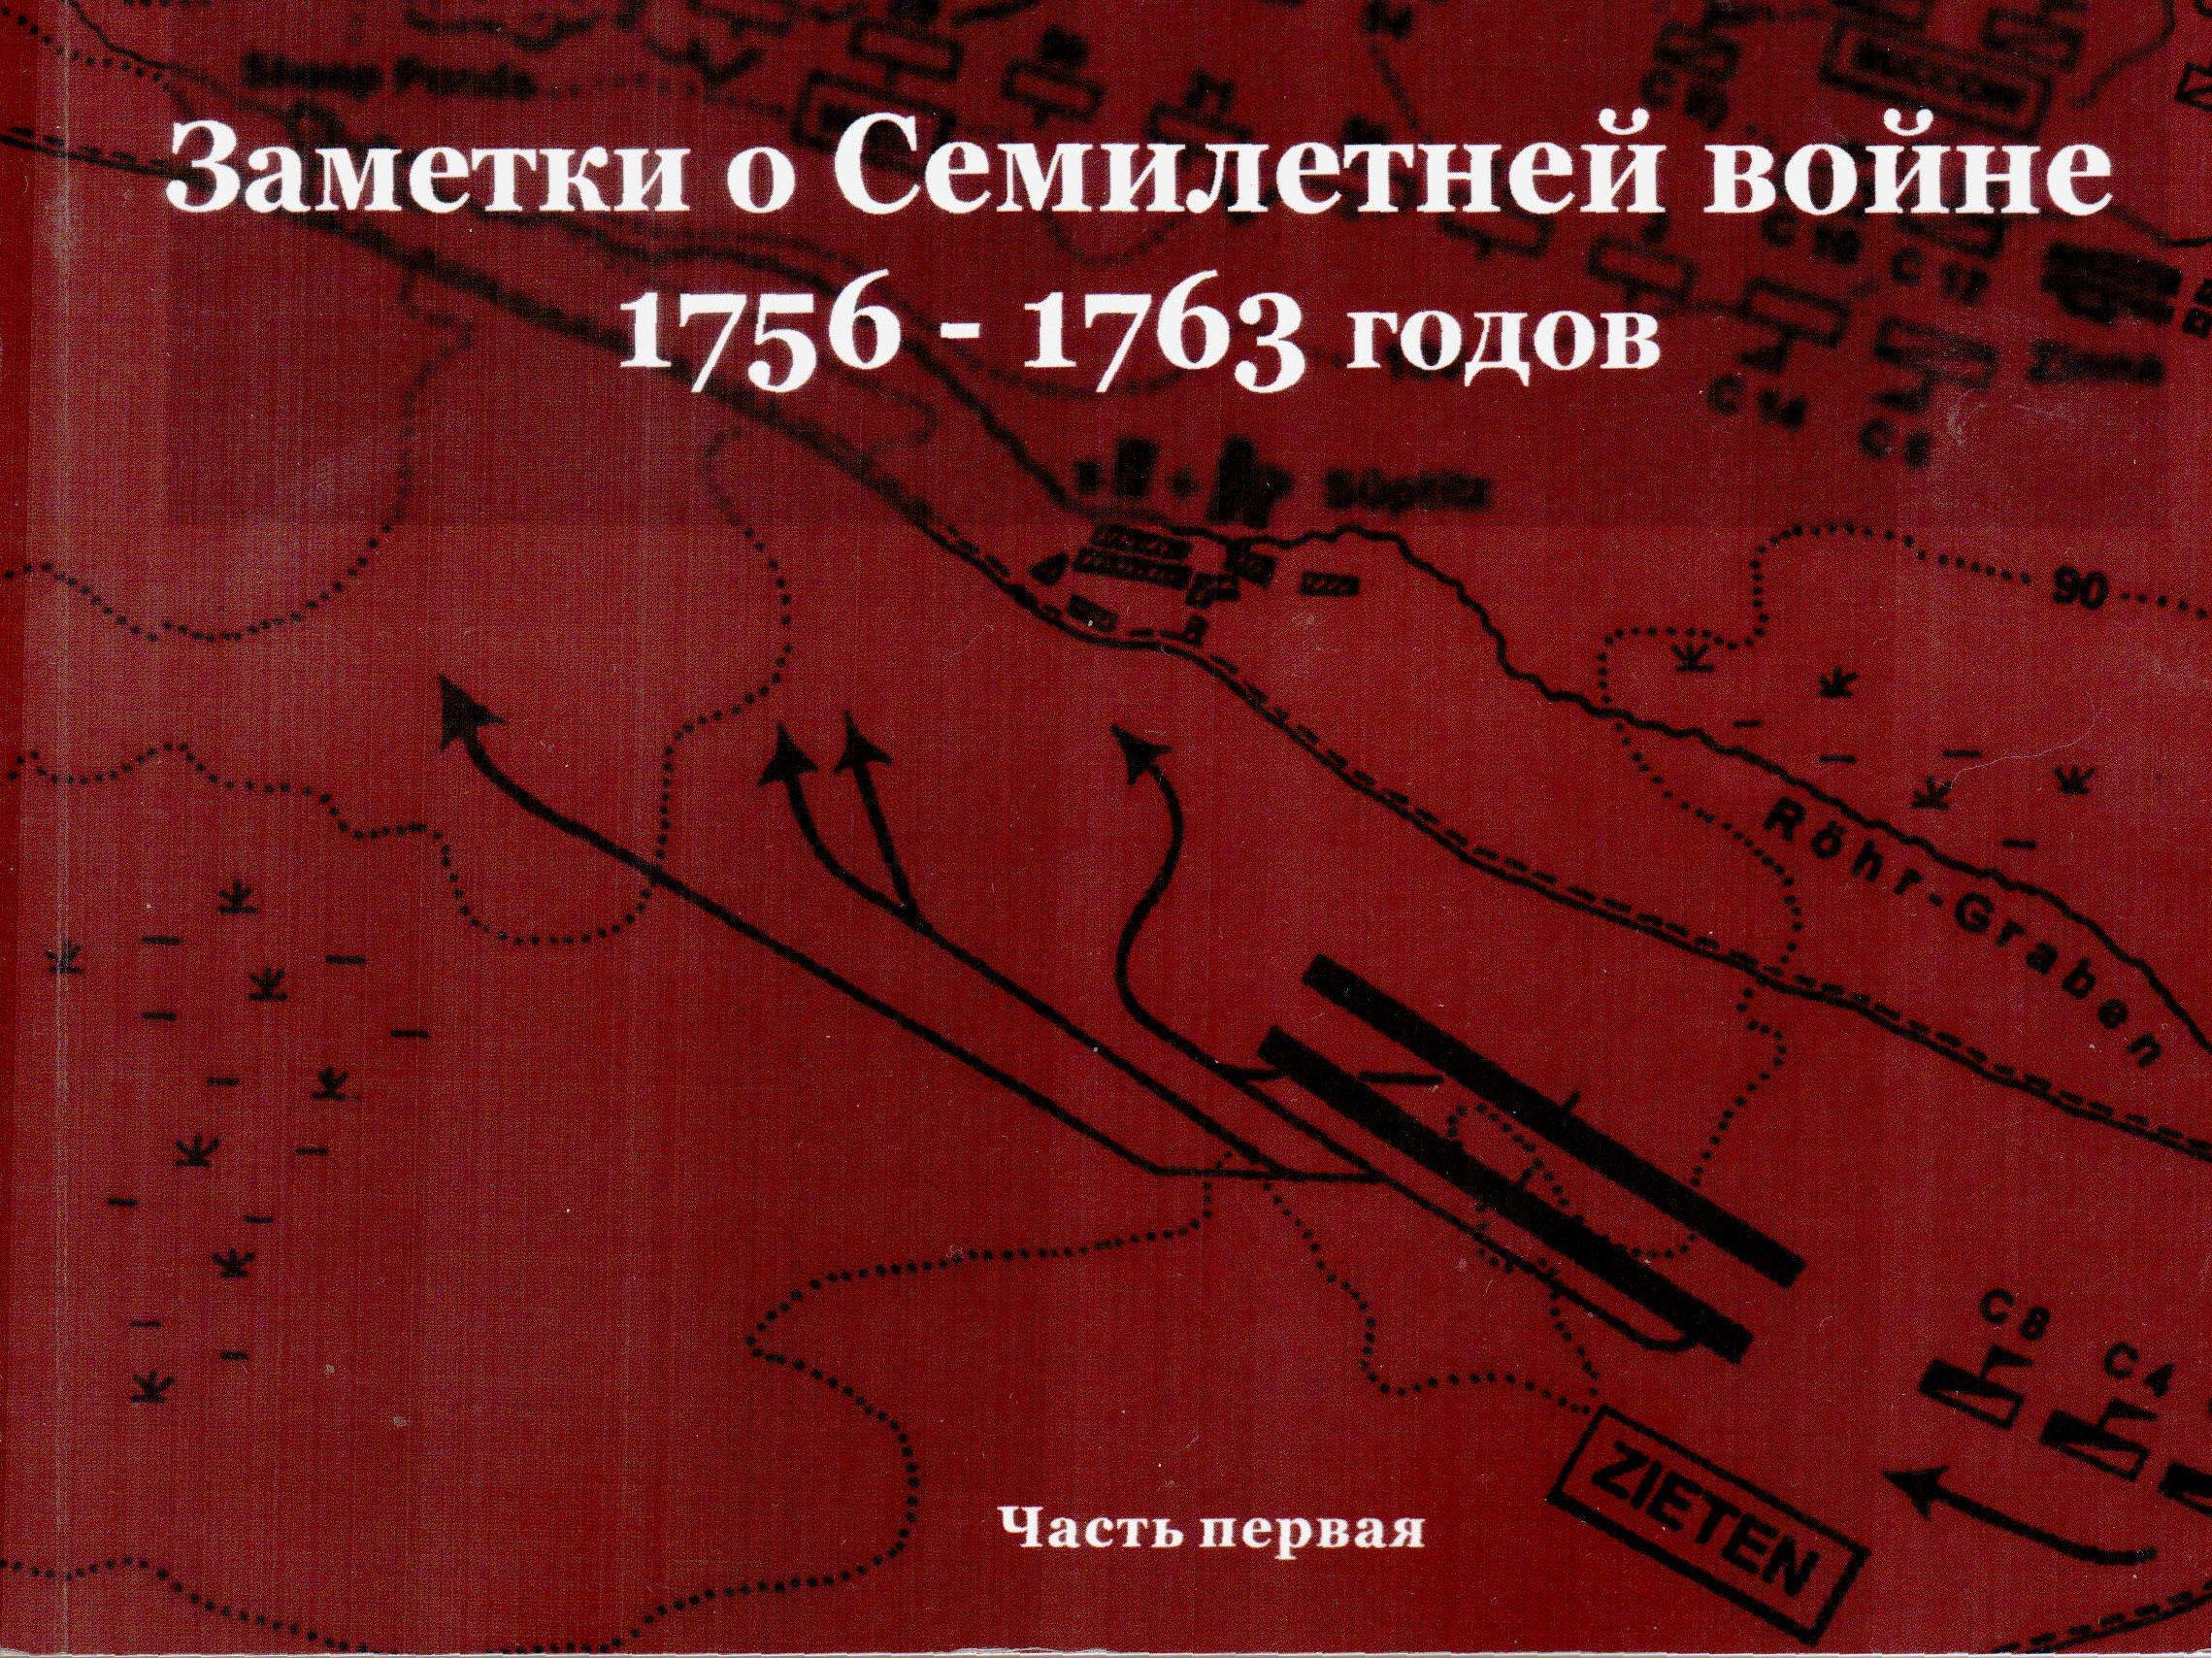 Кружева и сталь. заметки о семилетней войне